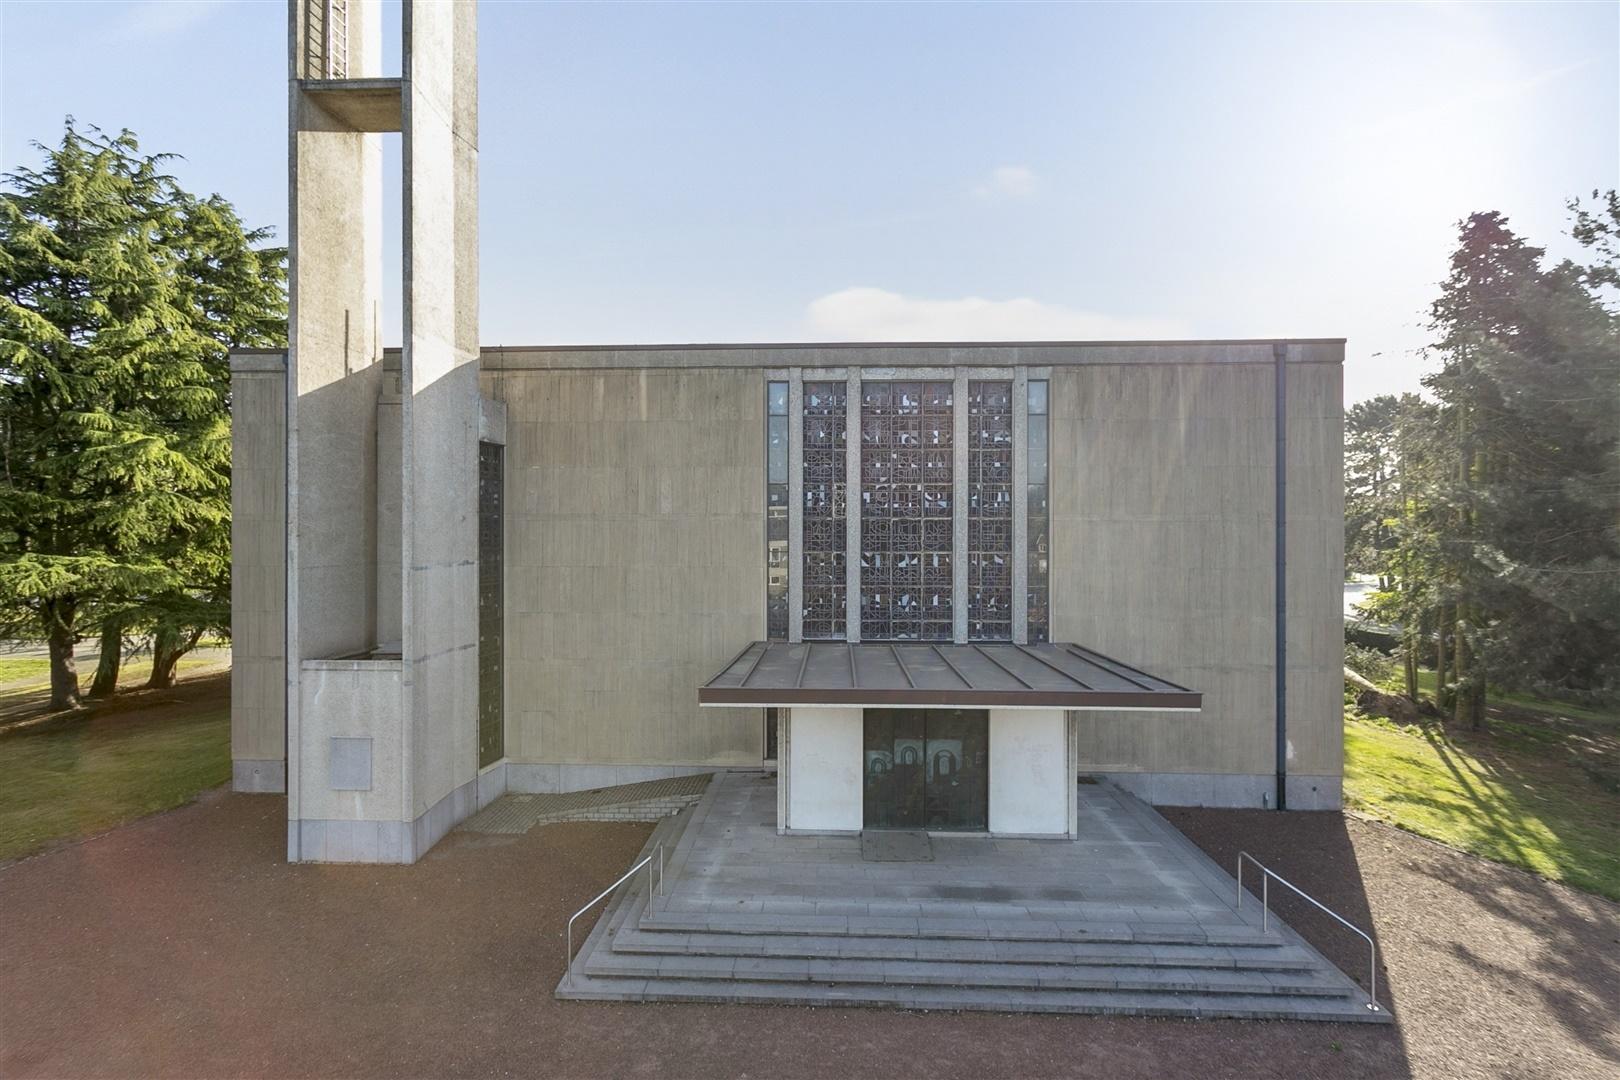 Unieke Kerk in modernistische stijl op een uitstekende locatie vlakbij Gent